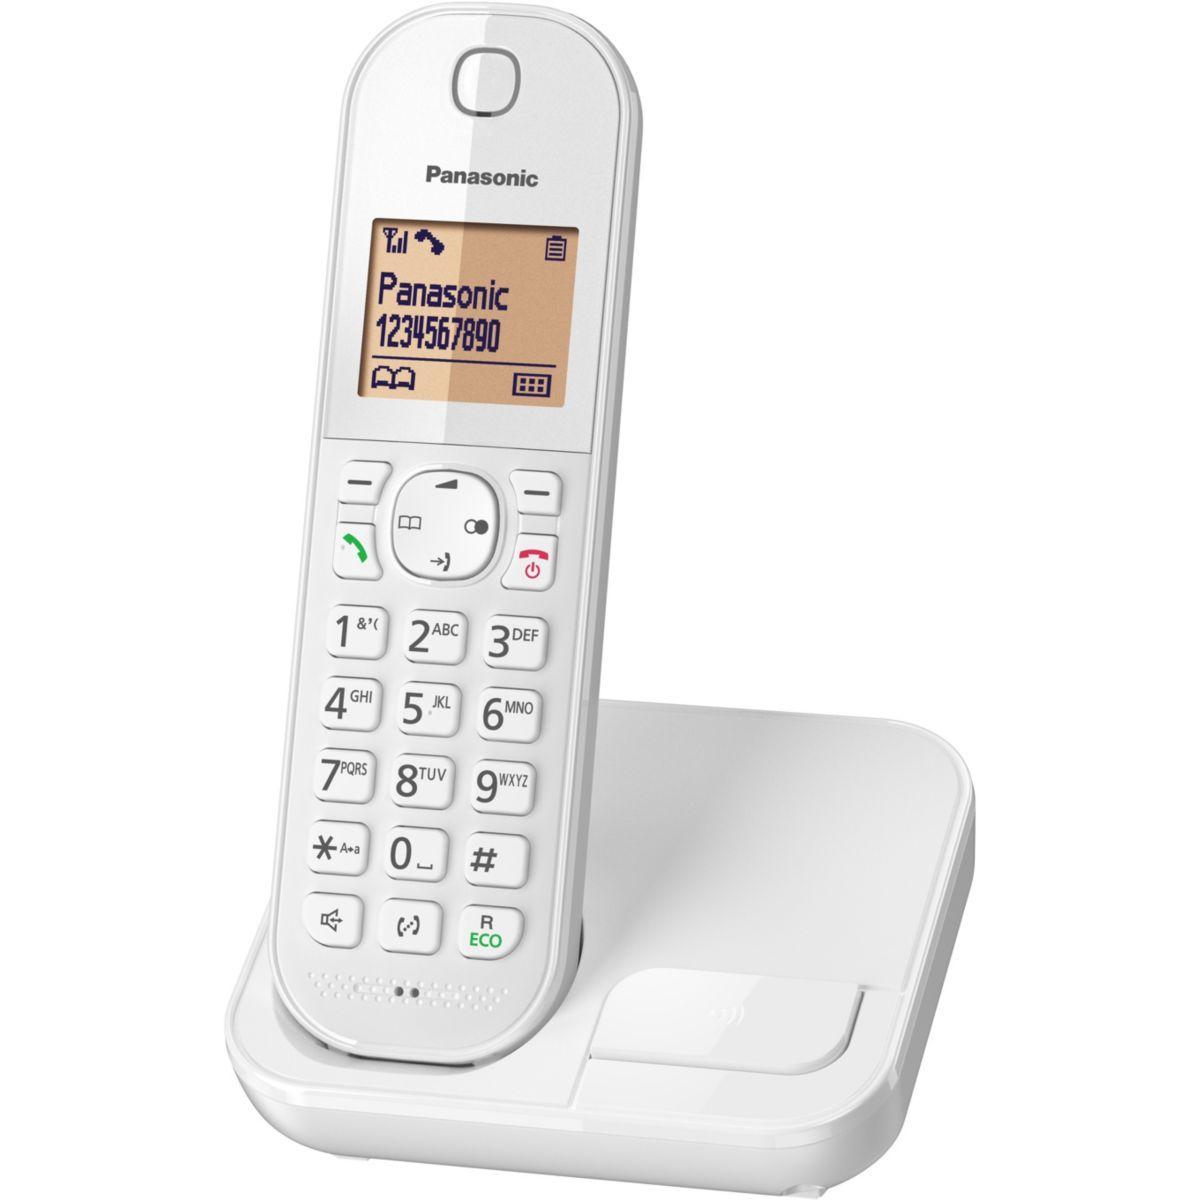 Téléphone panasonic kx-tgc410 - 5% de remise : code multi5 (photo)